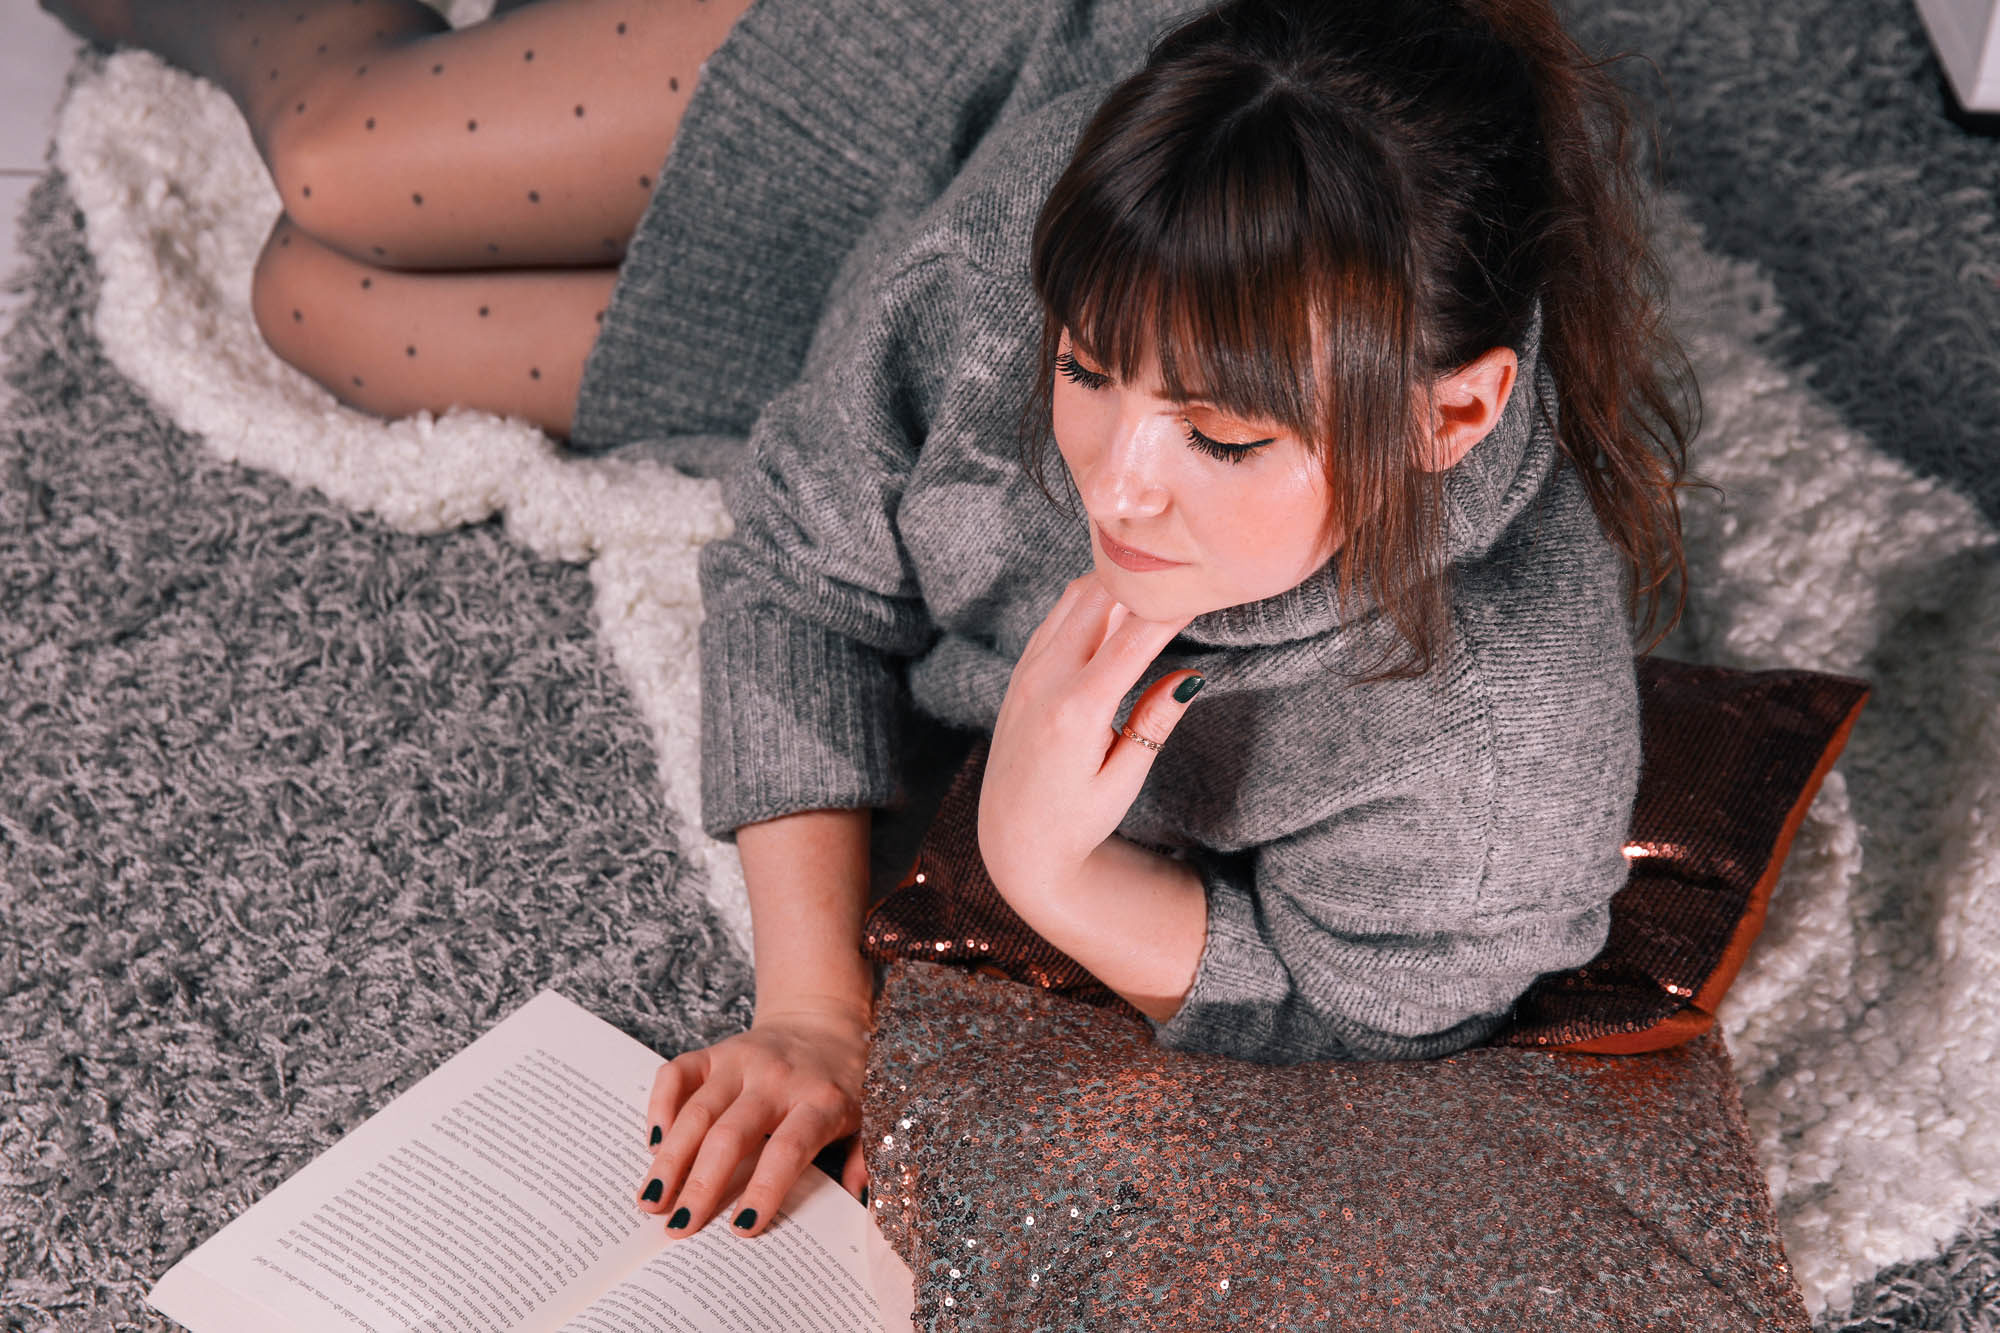 Herbst Leseliste: 5 Bücher die ich im Herbst lesen möchte